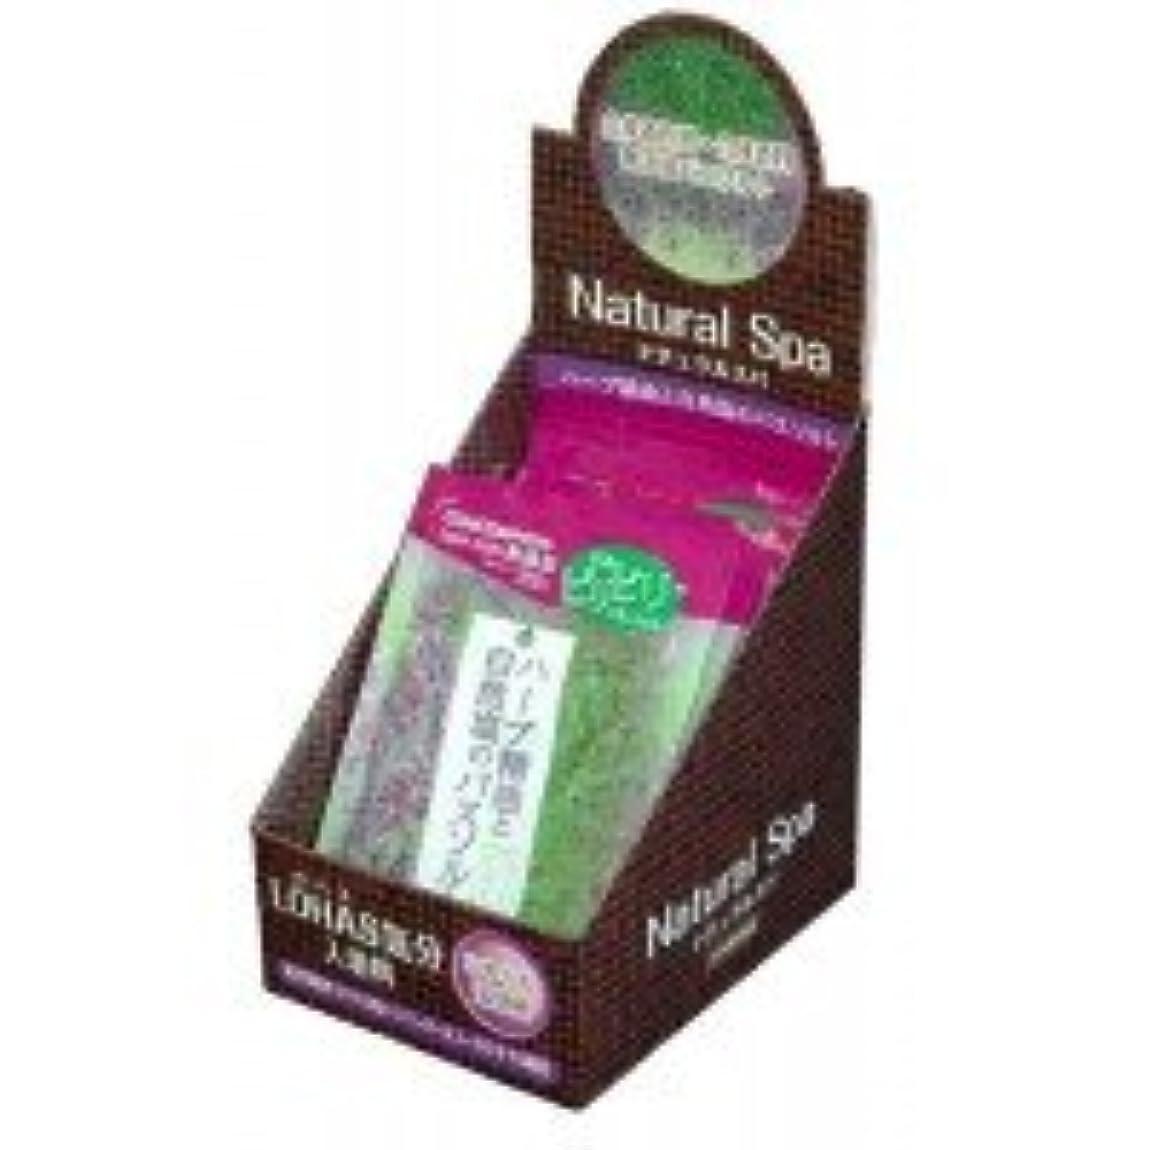 休憩する寸法杭五洲薬品 入浴用化粧品 ナチュラルスパ ハーブ精油 分包 (35g×10包)×3箱 NSH-13 0302453